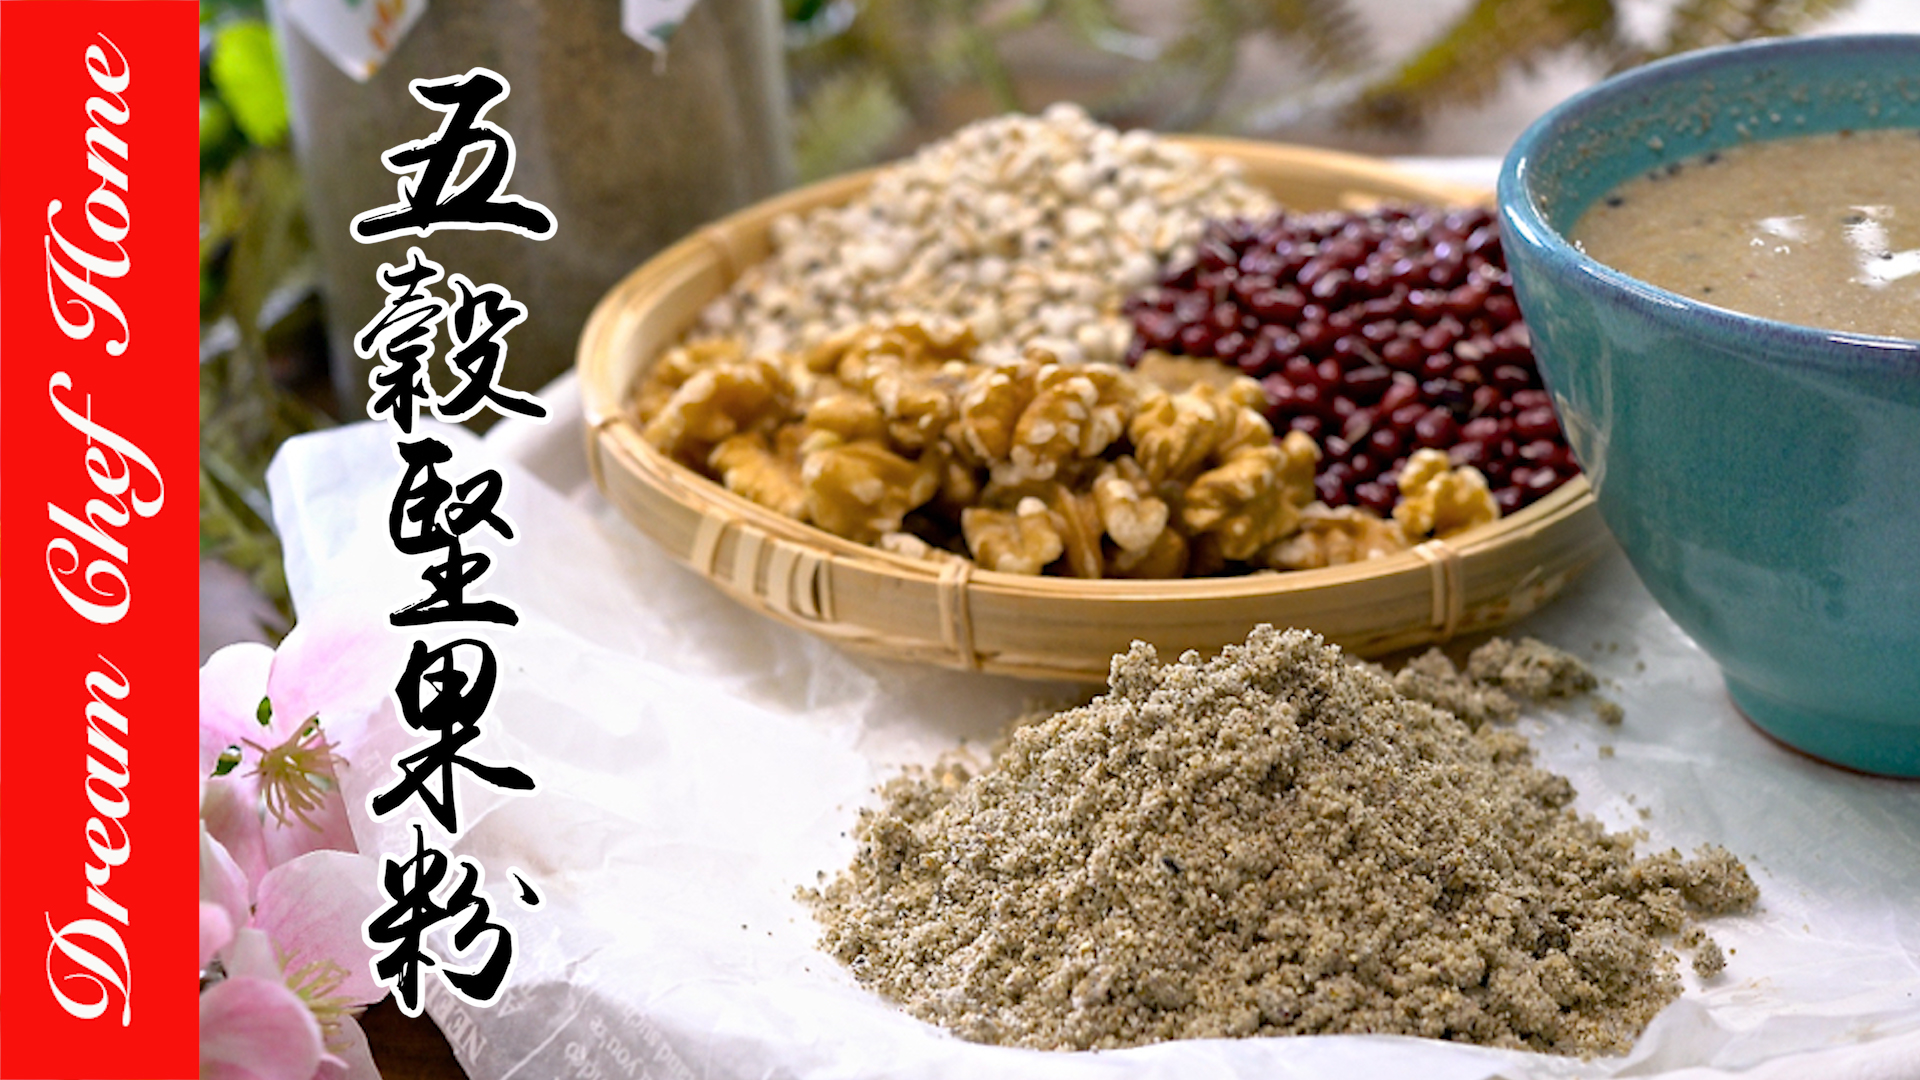 自製綜合穀物堅果雜糧粉,超健康養生!增肌減脂精力粉